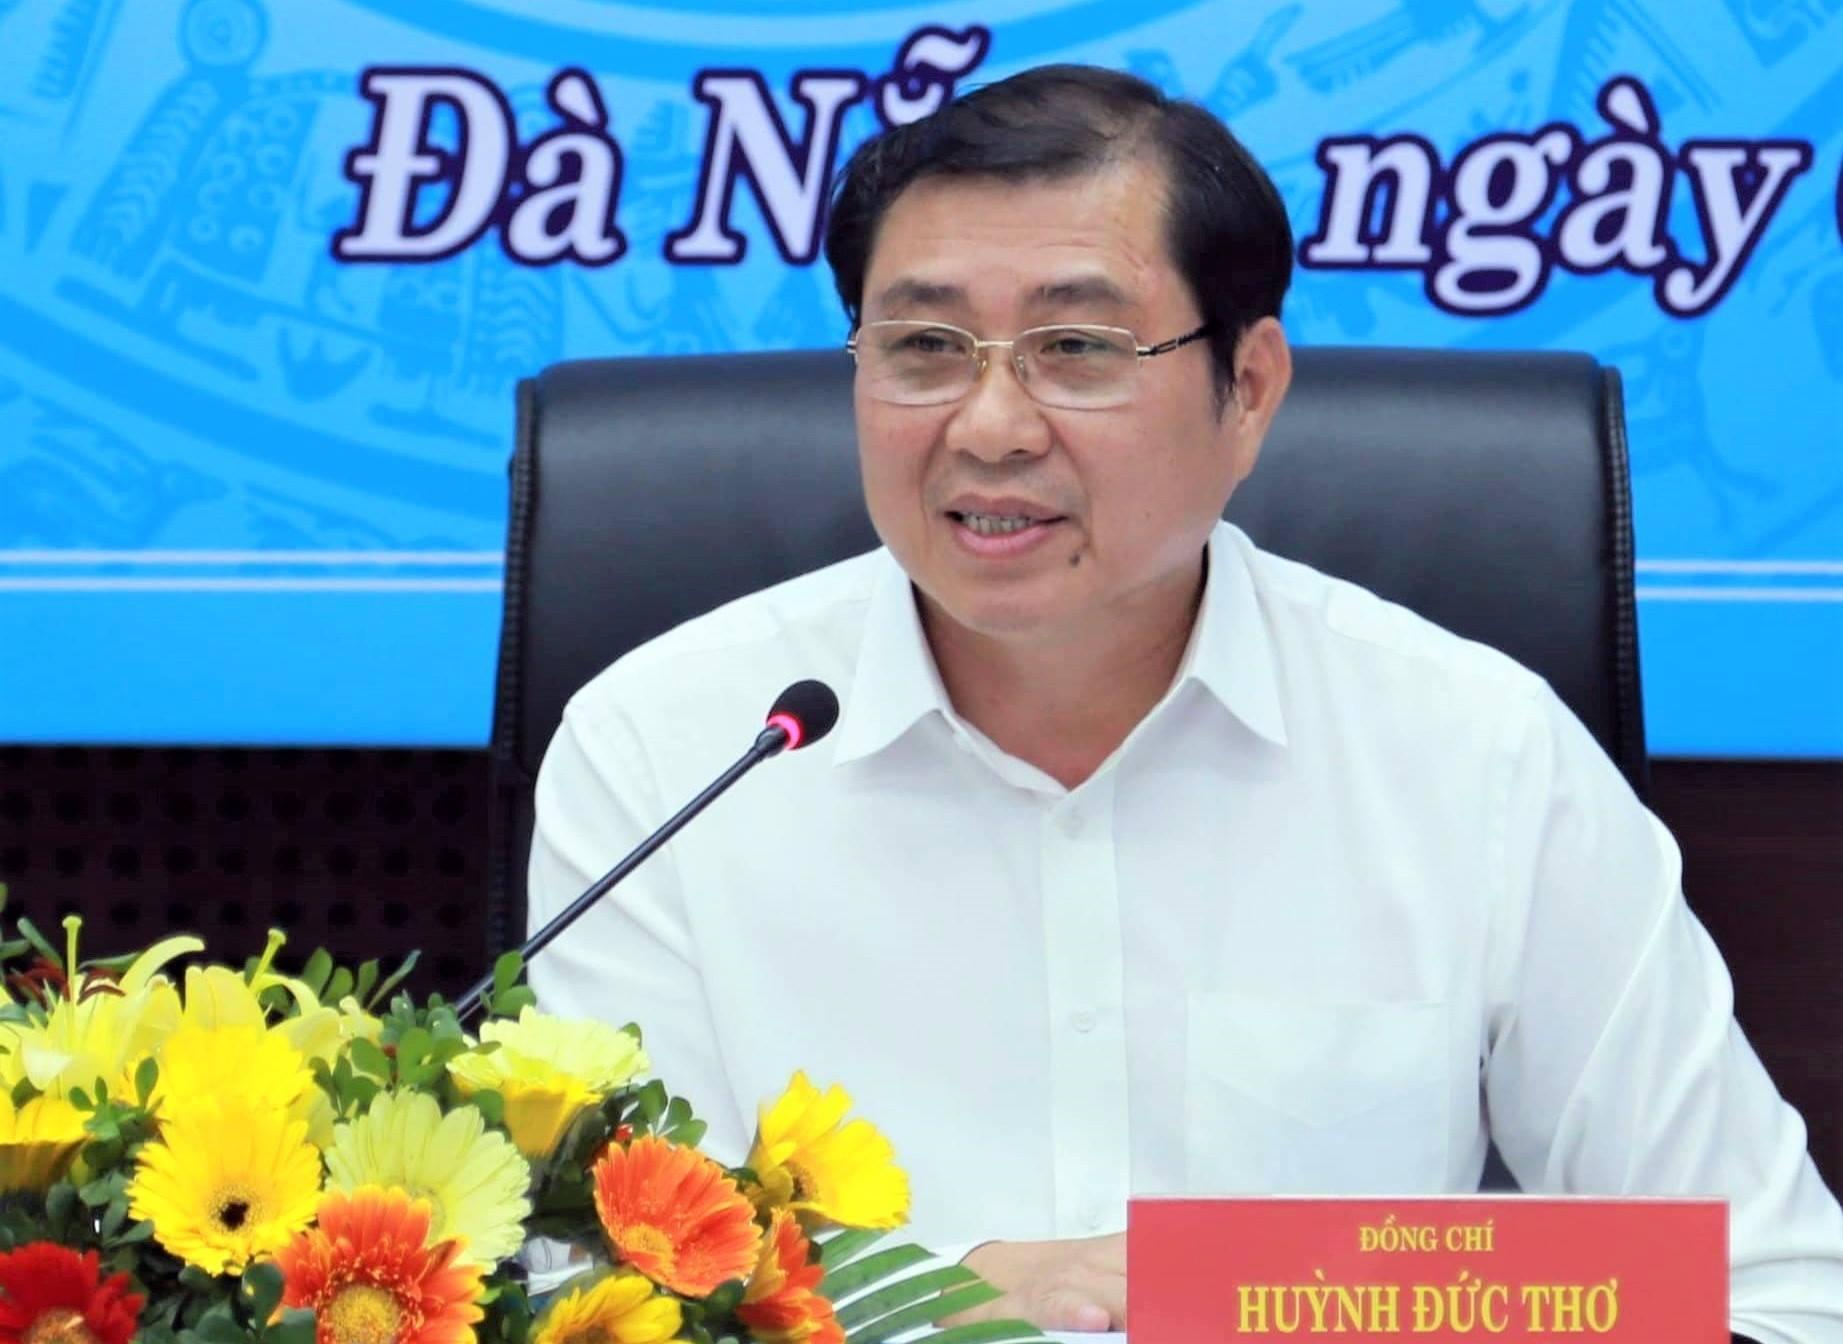 Chủ tịch Đà Nẵng yêu cầu xử lý người ném chất bẩn, vẽ bậy lên nhà cựu Viện phó VKS Ảnh 1